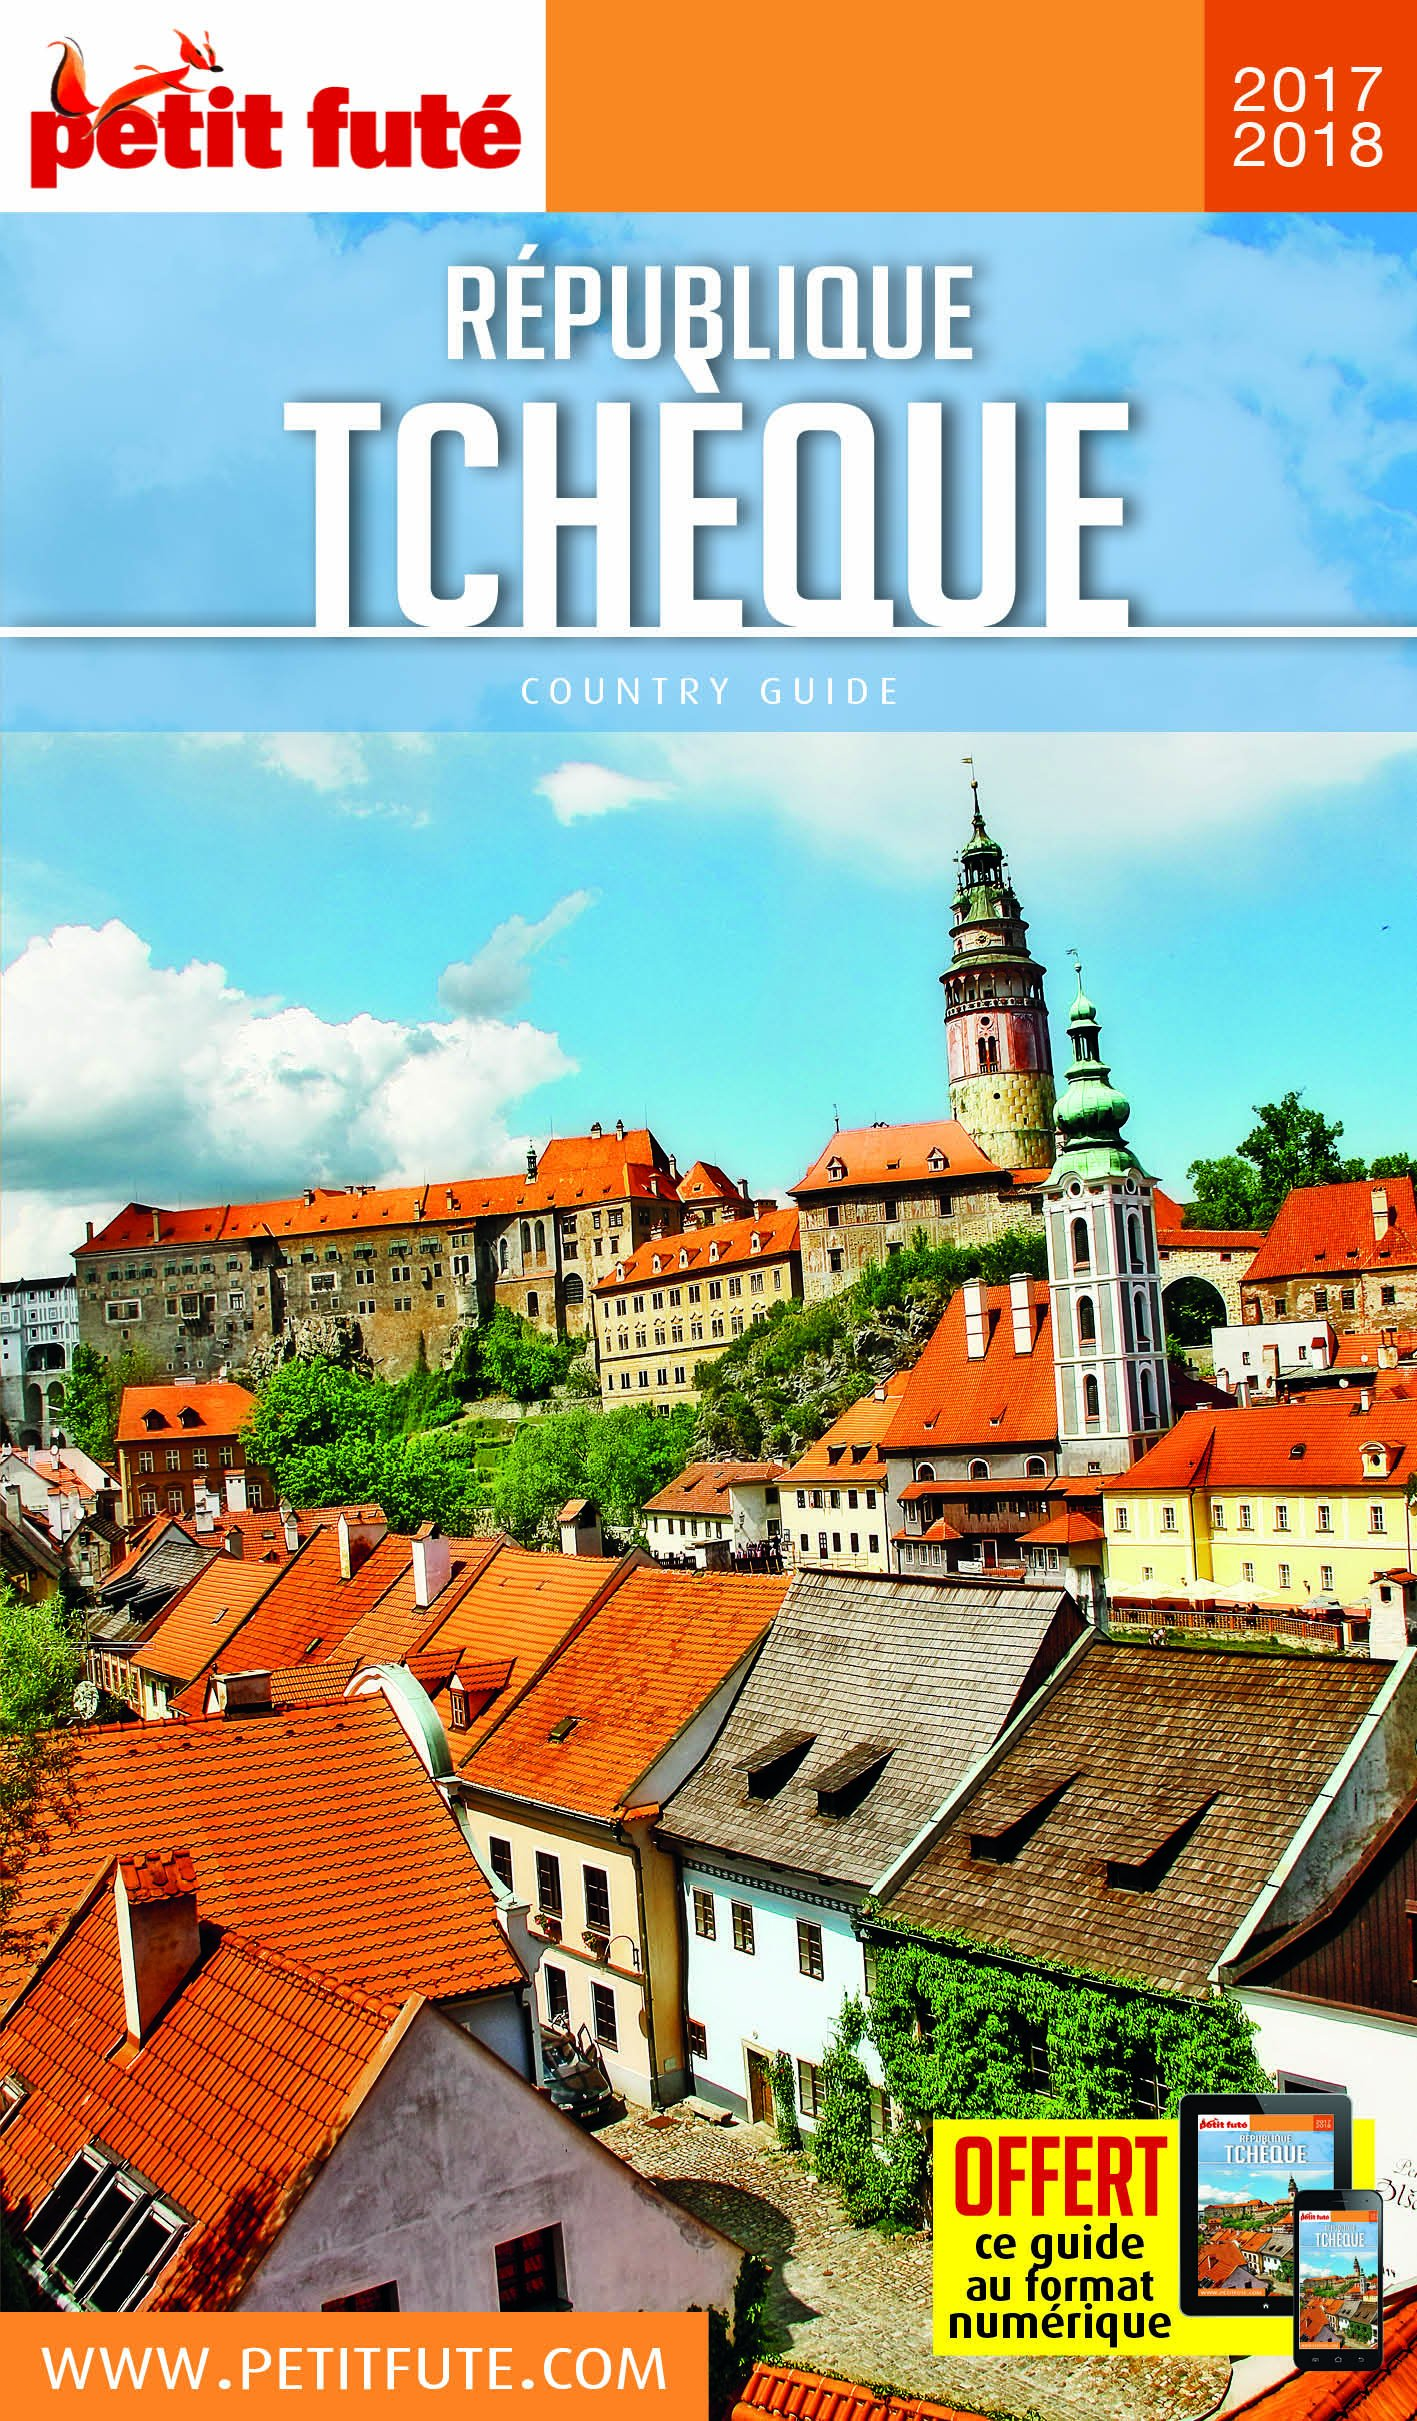 télécharger Petit Futé : République tchèque 2017/2018